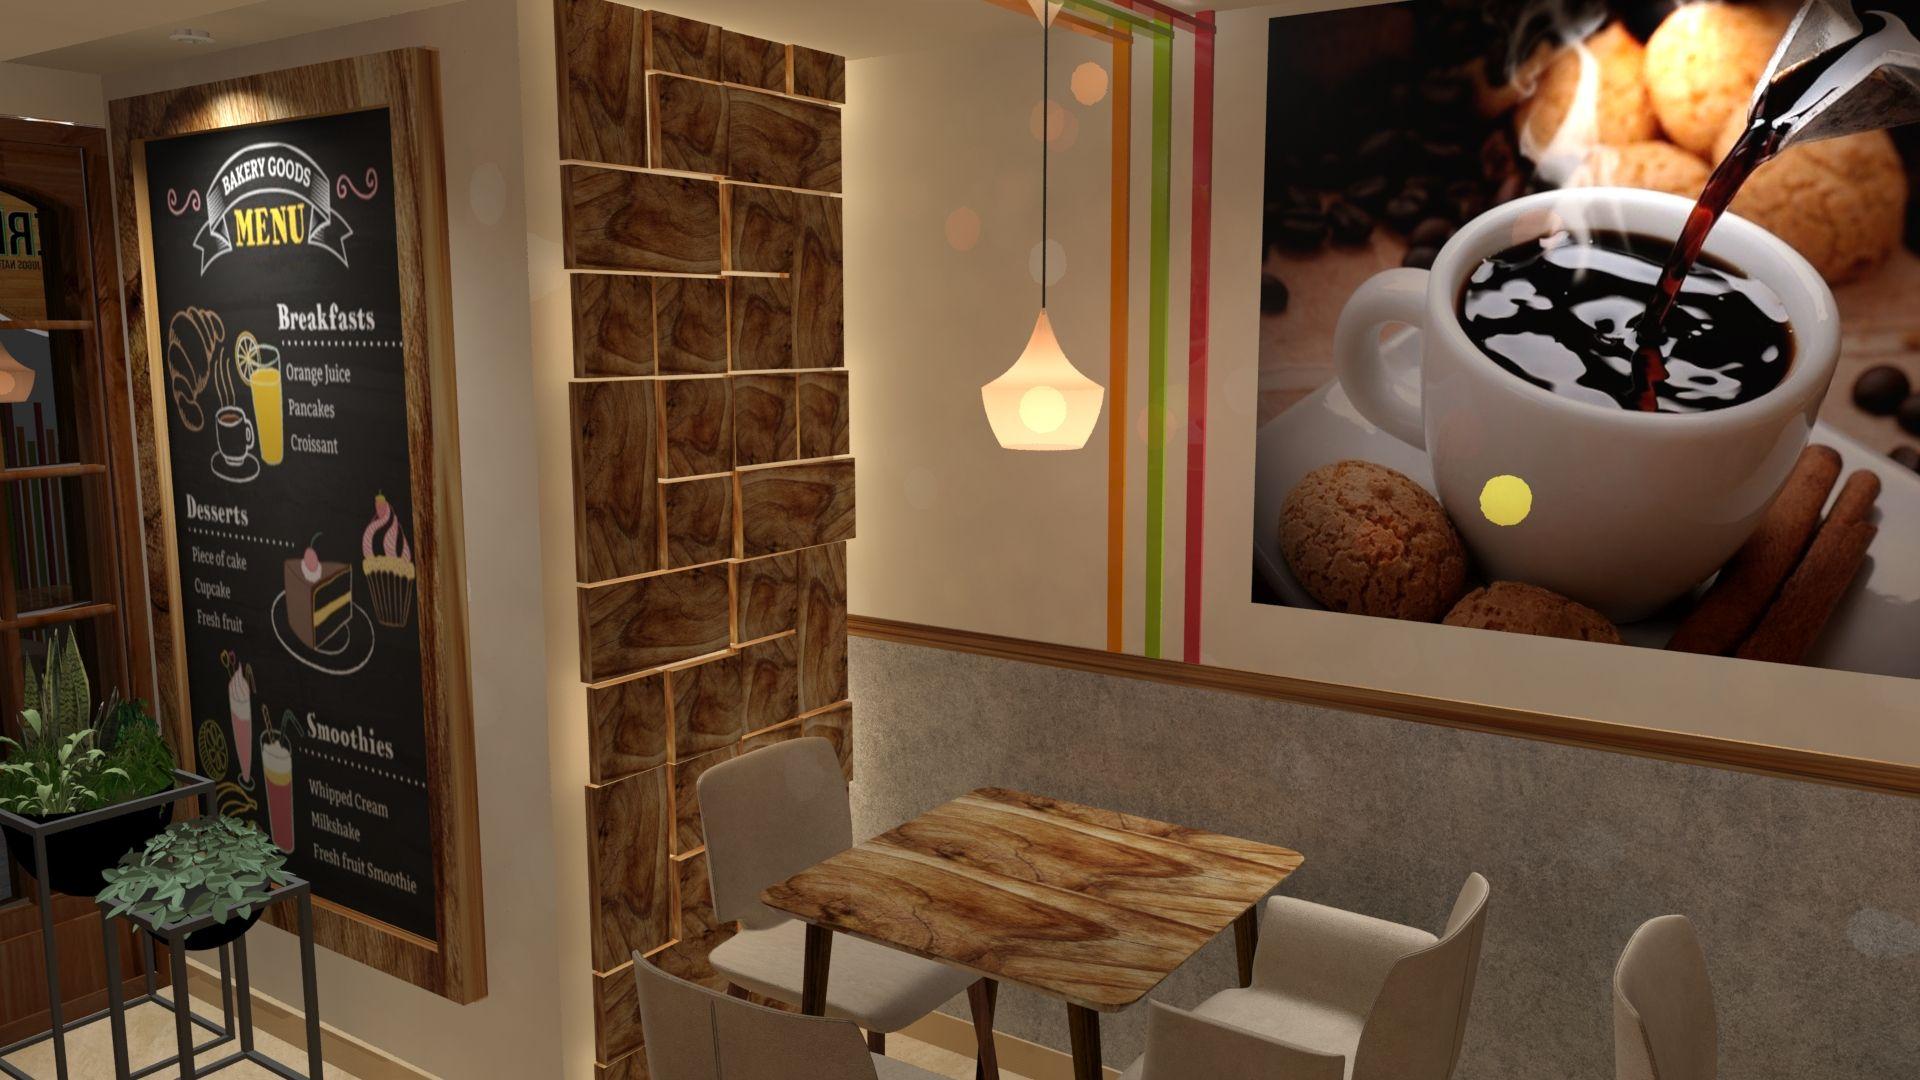 Proyecto De Decoraci N De Interiores De Cevicheria Fotos Somos  # Muebles Para Cevicheria